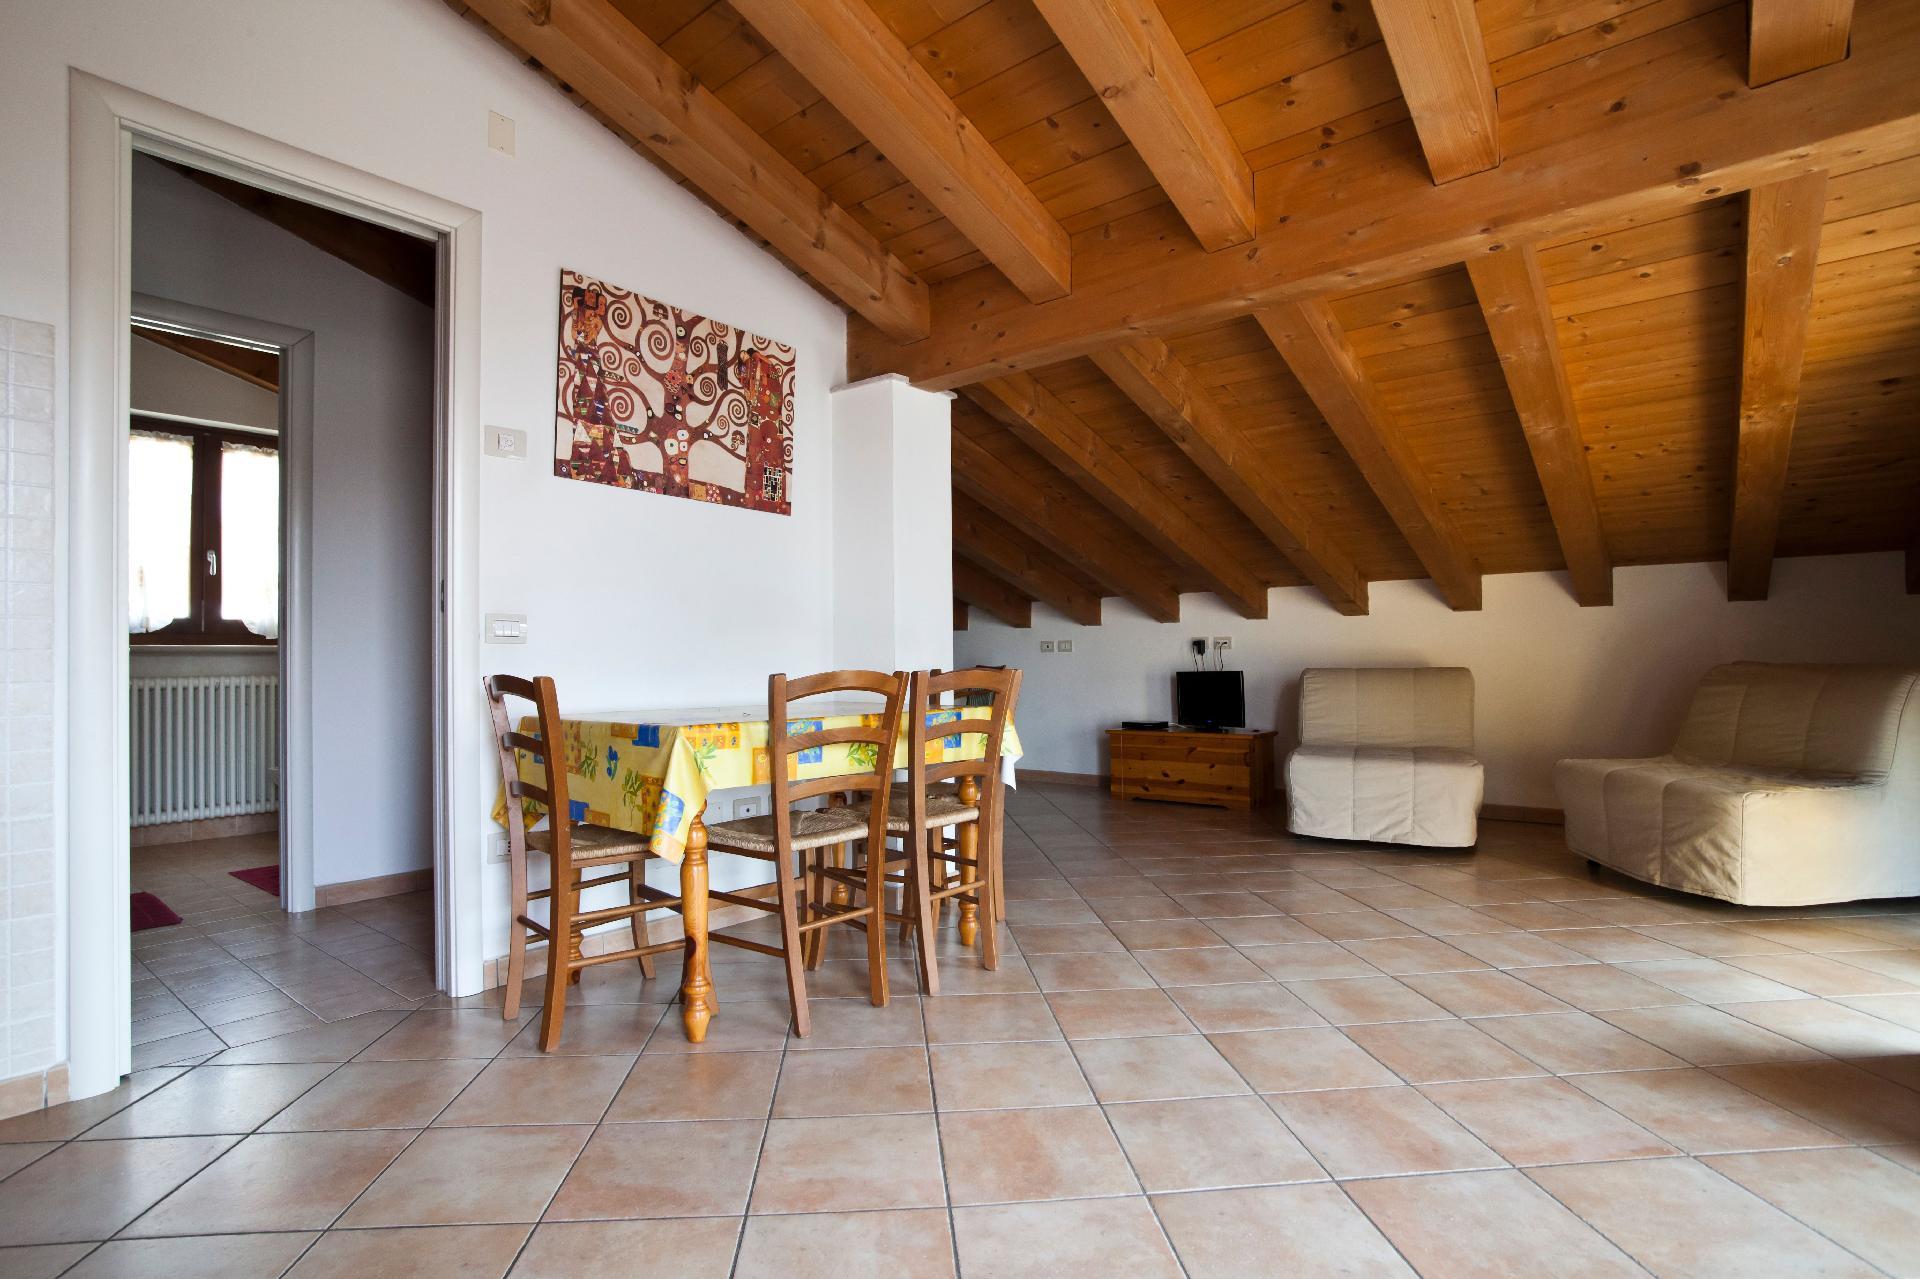 Ferienwohnung für 3 Personen ca. 38 m² i Bauernhof